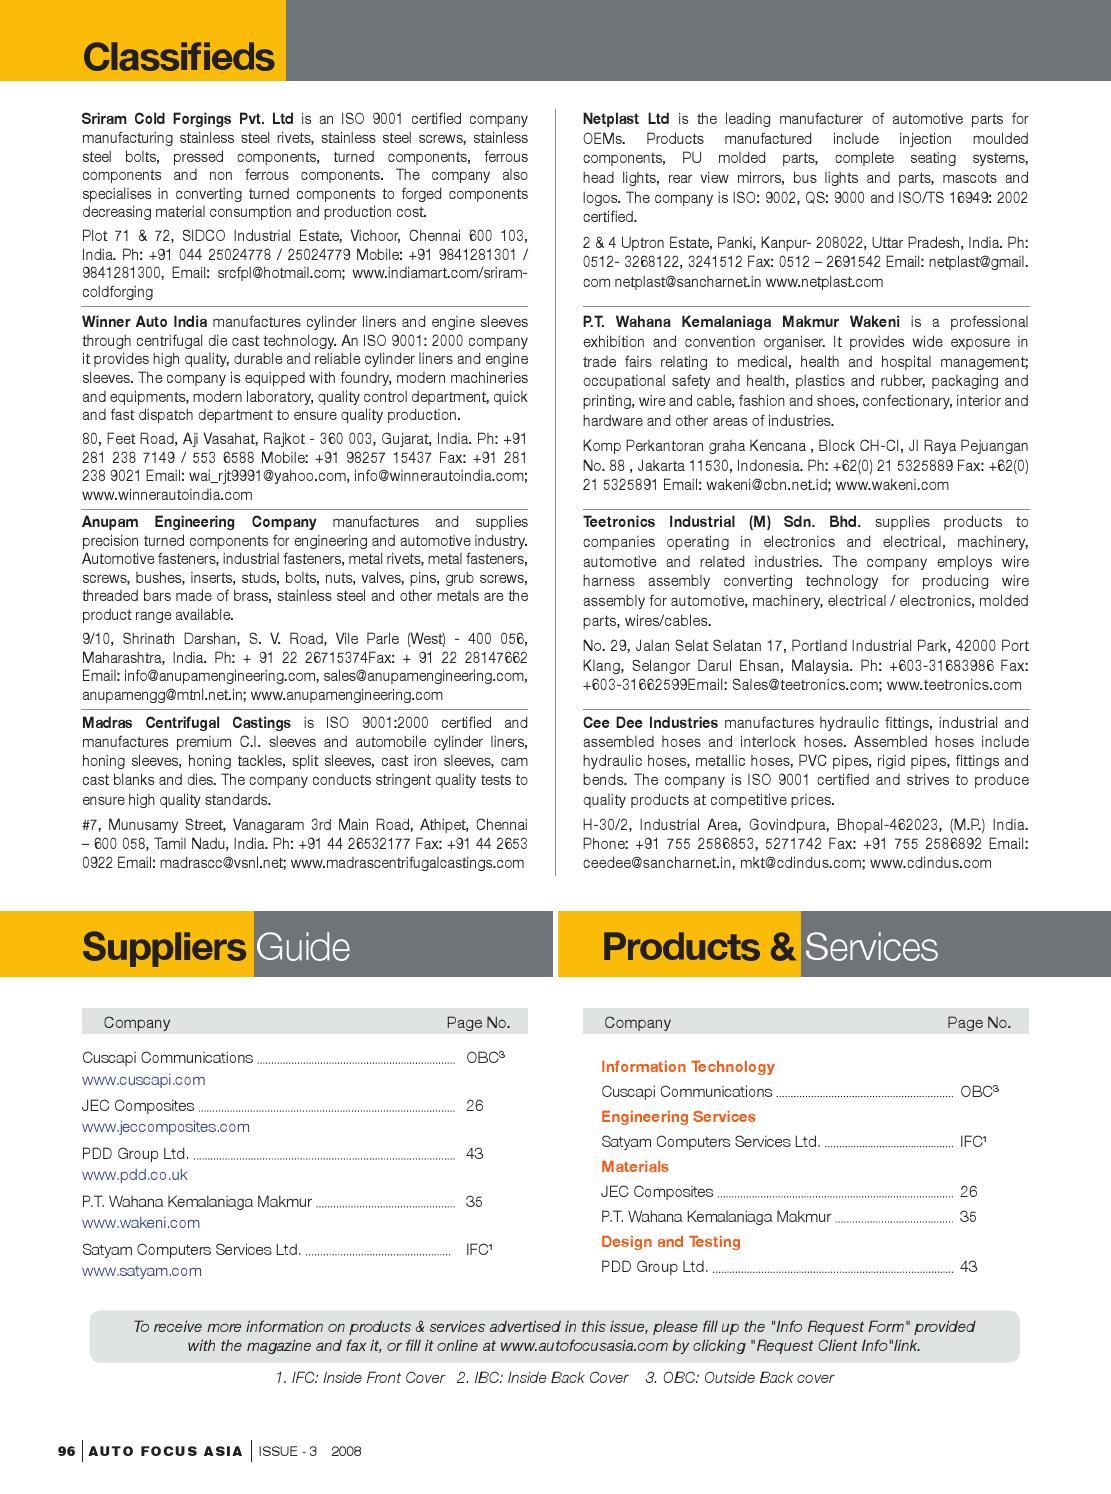 Afa03 Fullmag Hq By Ochre Media Pvt Ltd Issuu Wiring Harness Industry In Chennai